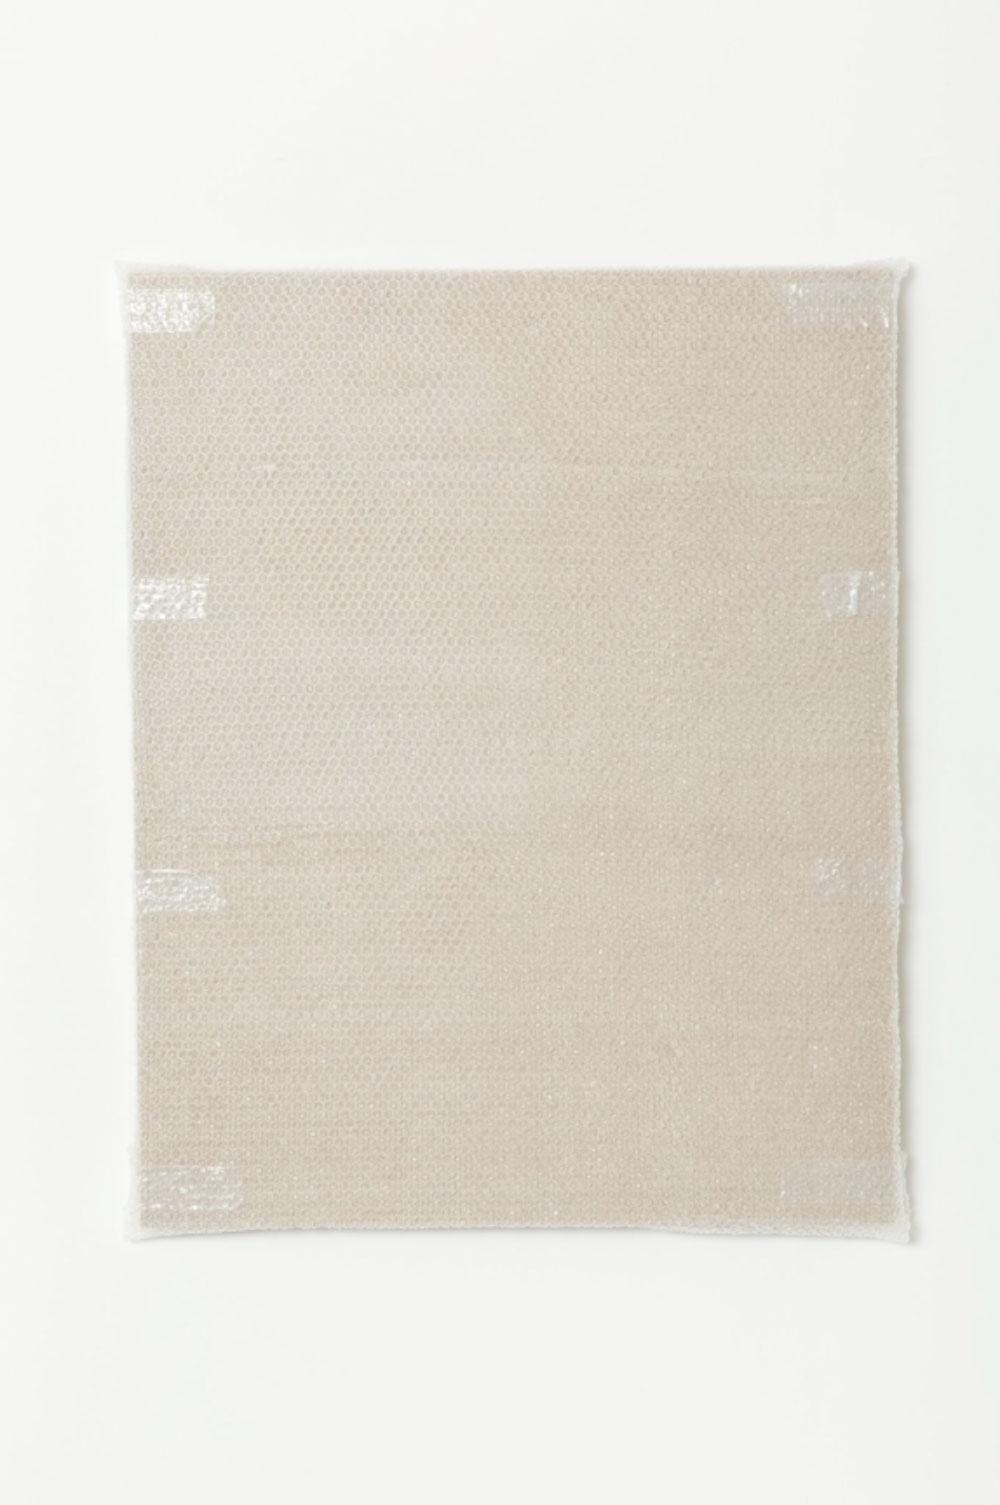 """Monochrome with Bubble Wrap and Packing Tape , 2016 Acrylique sur toile de lin  40 x 32 x 1 1/2 """"."""